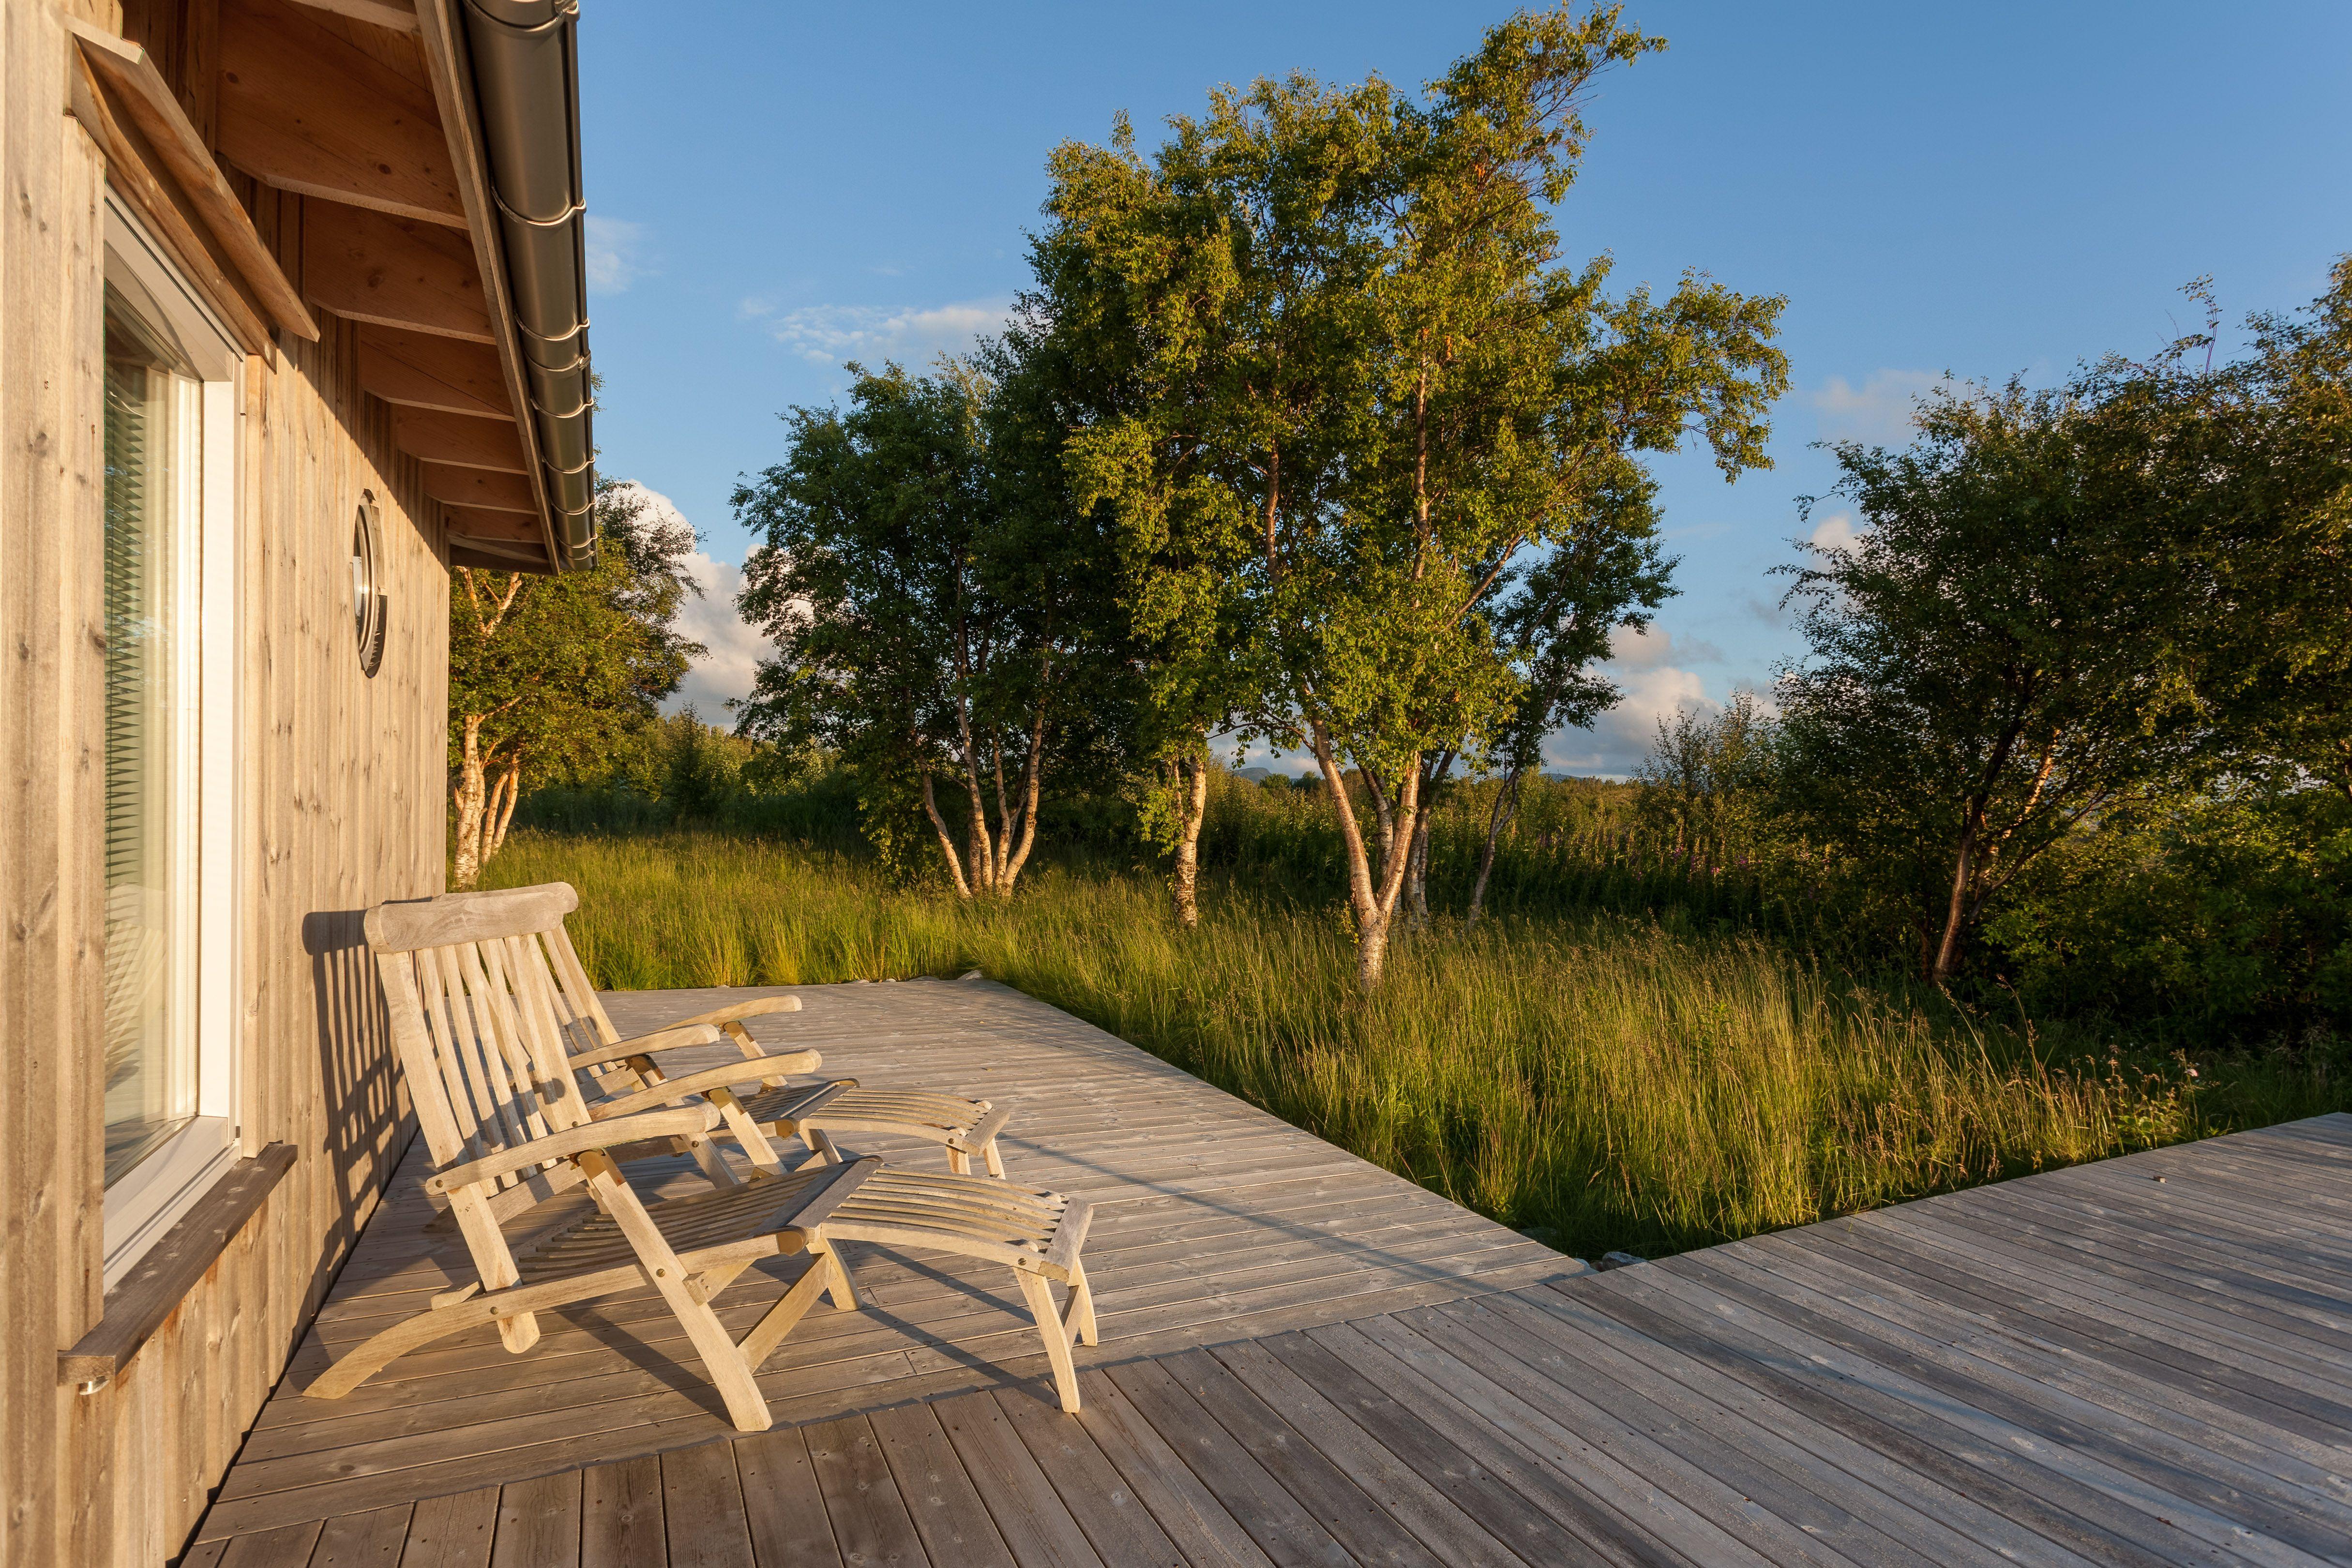 Terrasse-inspirasjon: Enkelt designet terrasse langs kysten i Midt-Norge